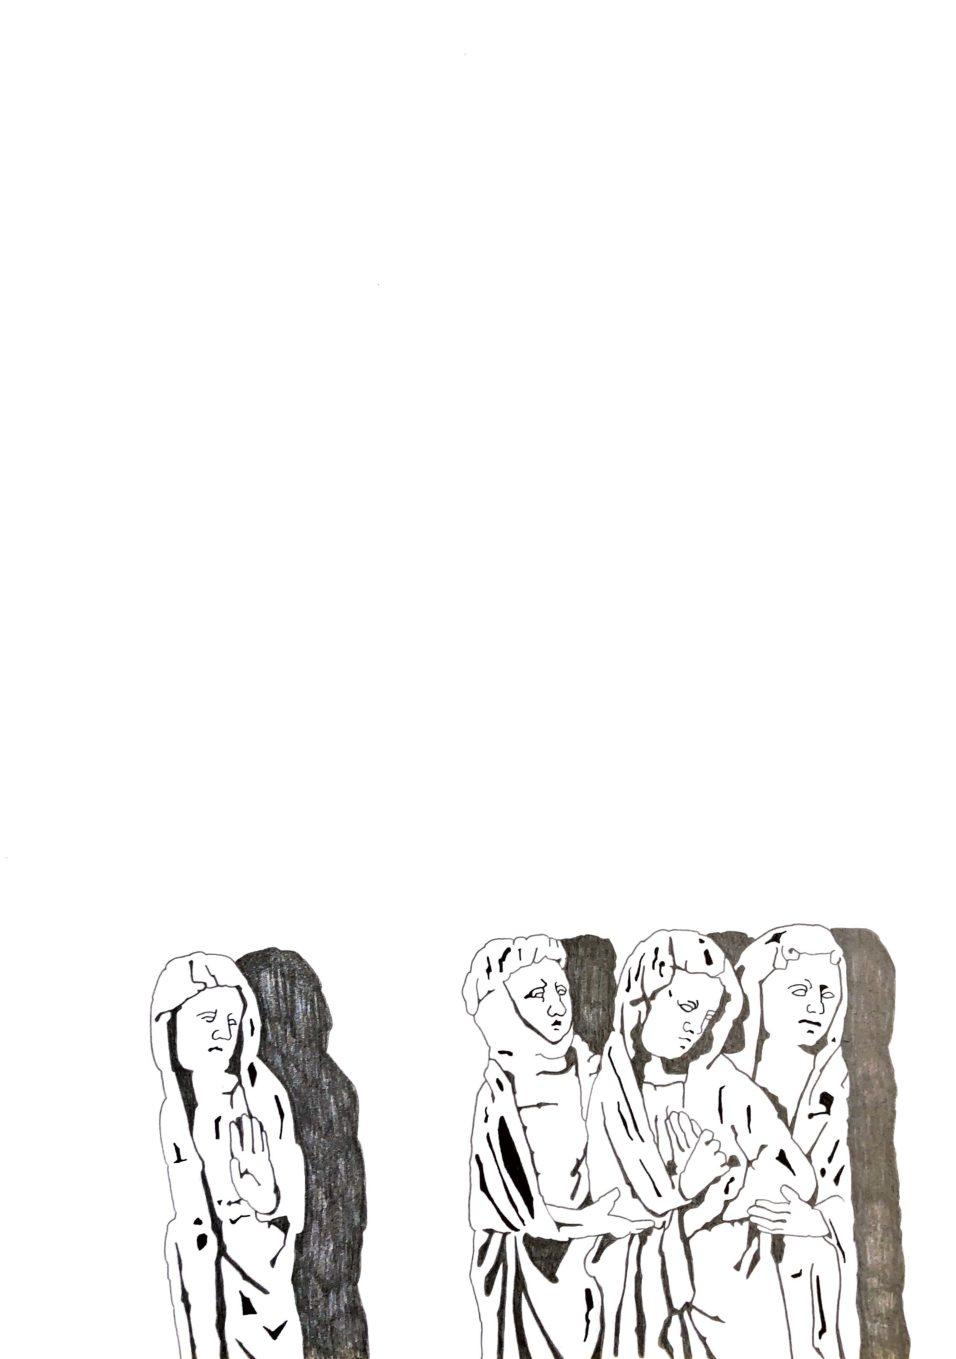 """Matthias Huber, """"keep distance: Angst"""", Graphit auf Papier, 21x29,7cm, 2020"""